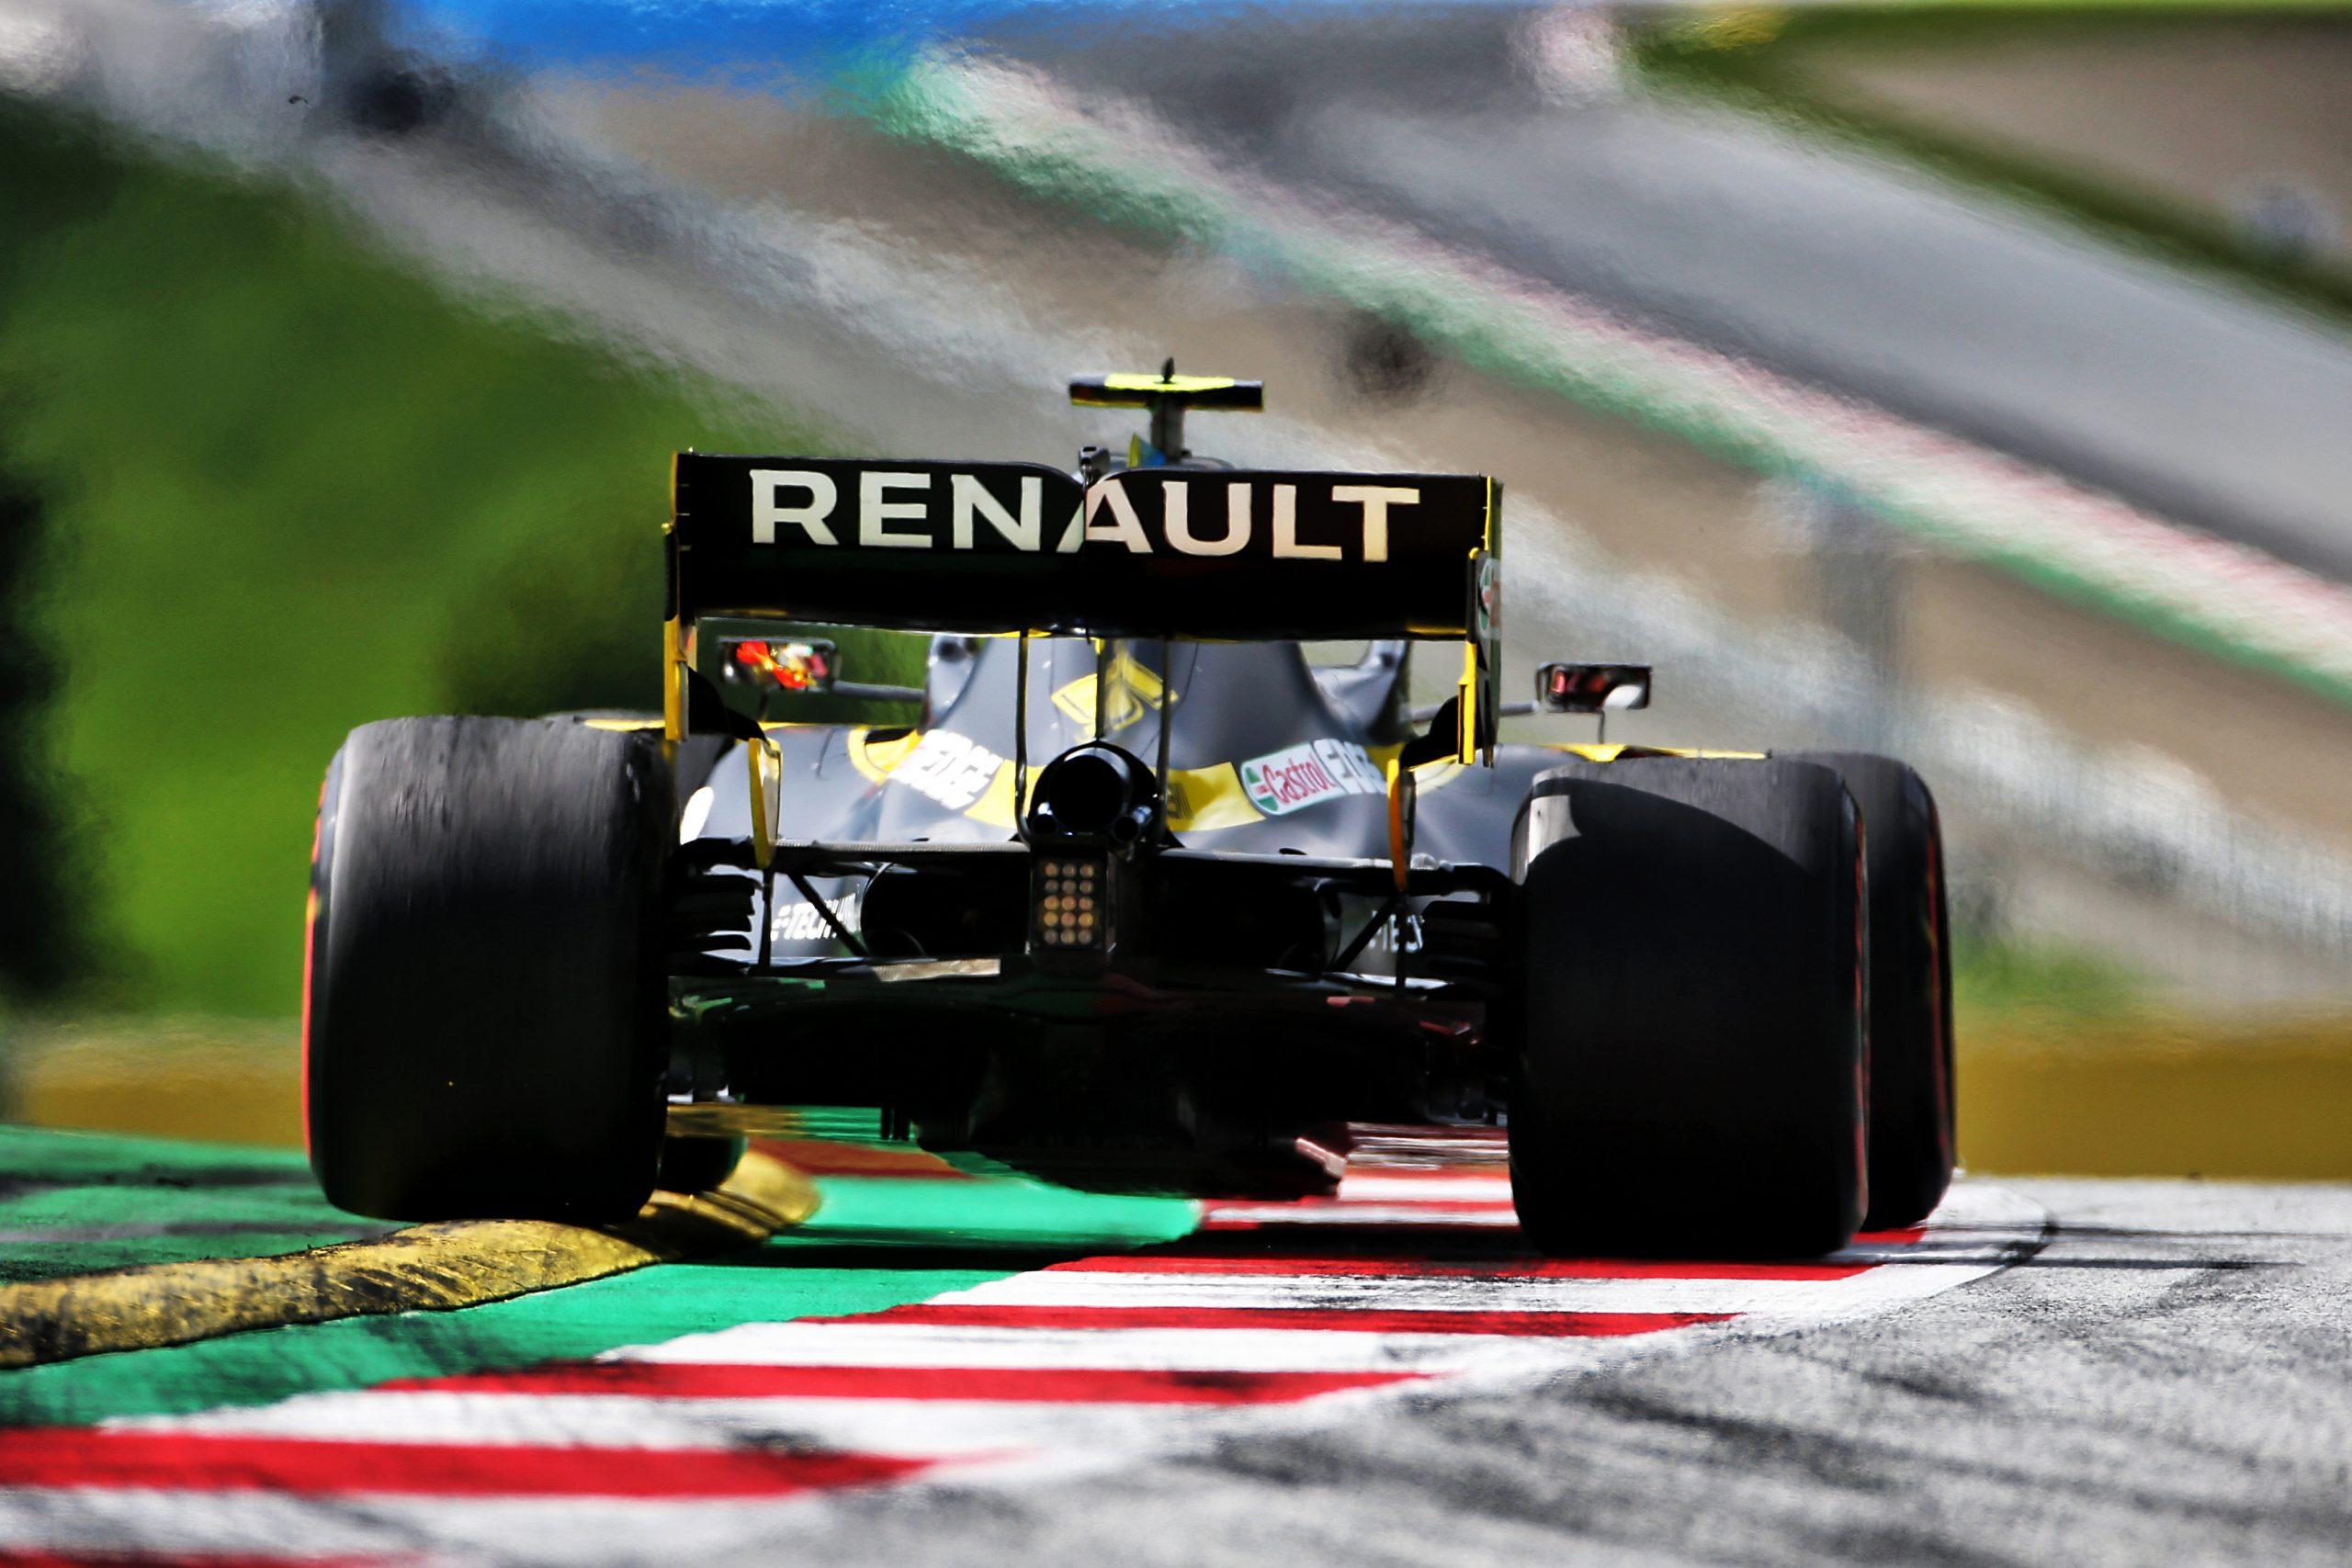 La grille de départ du Grand Prix d'Autriche 2020 1